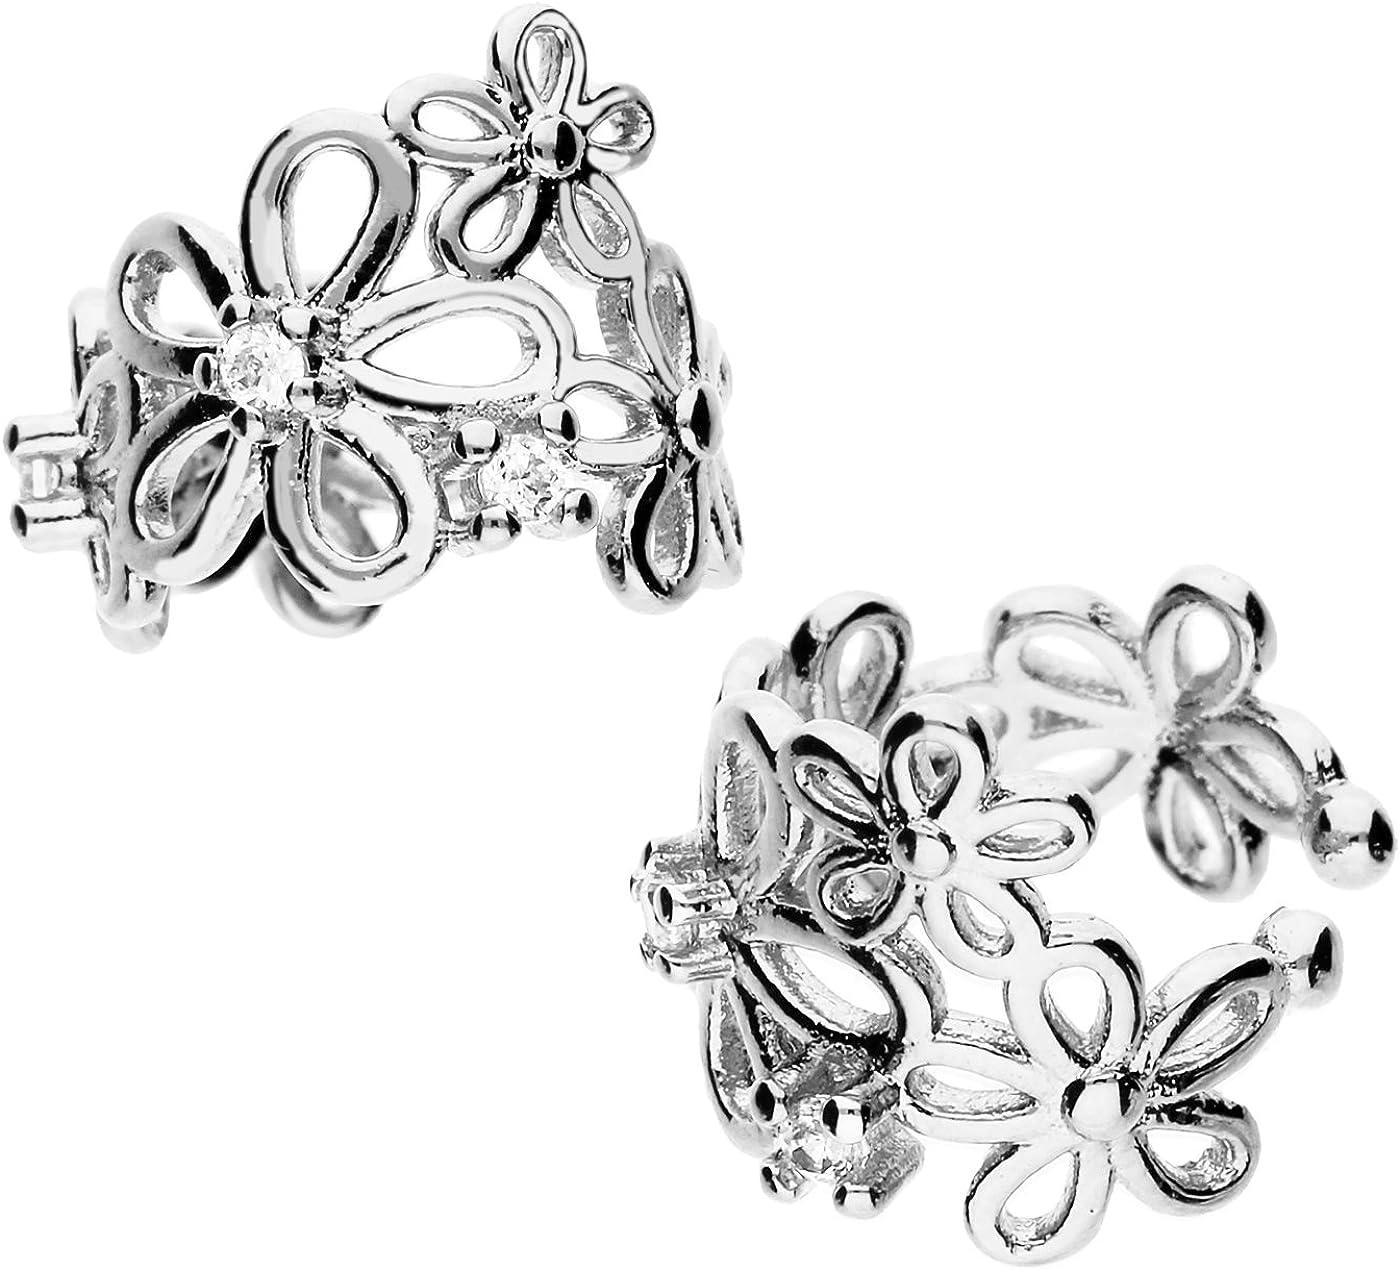 Mya artMyasiohr-24 –Pendientes abrazadera de plata de ley 925, diseño vintage de flores con 6circonitas